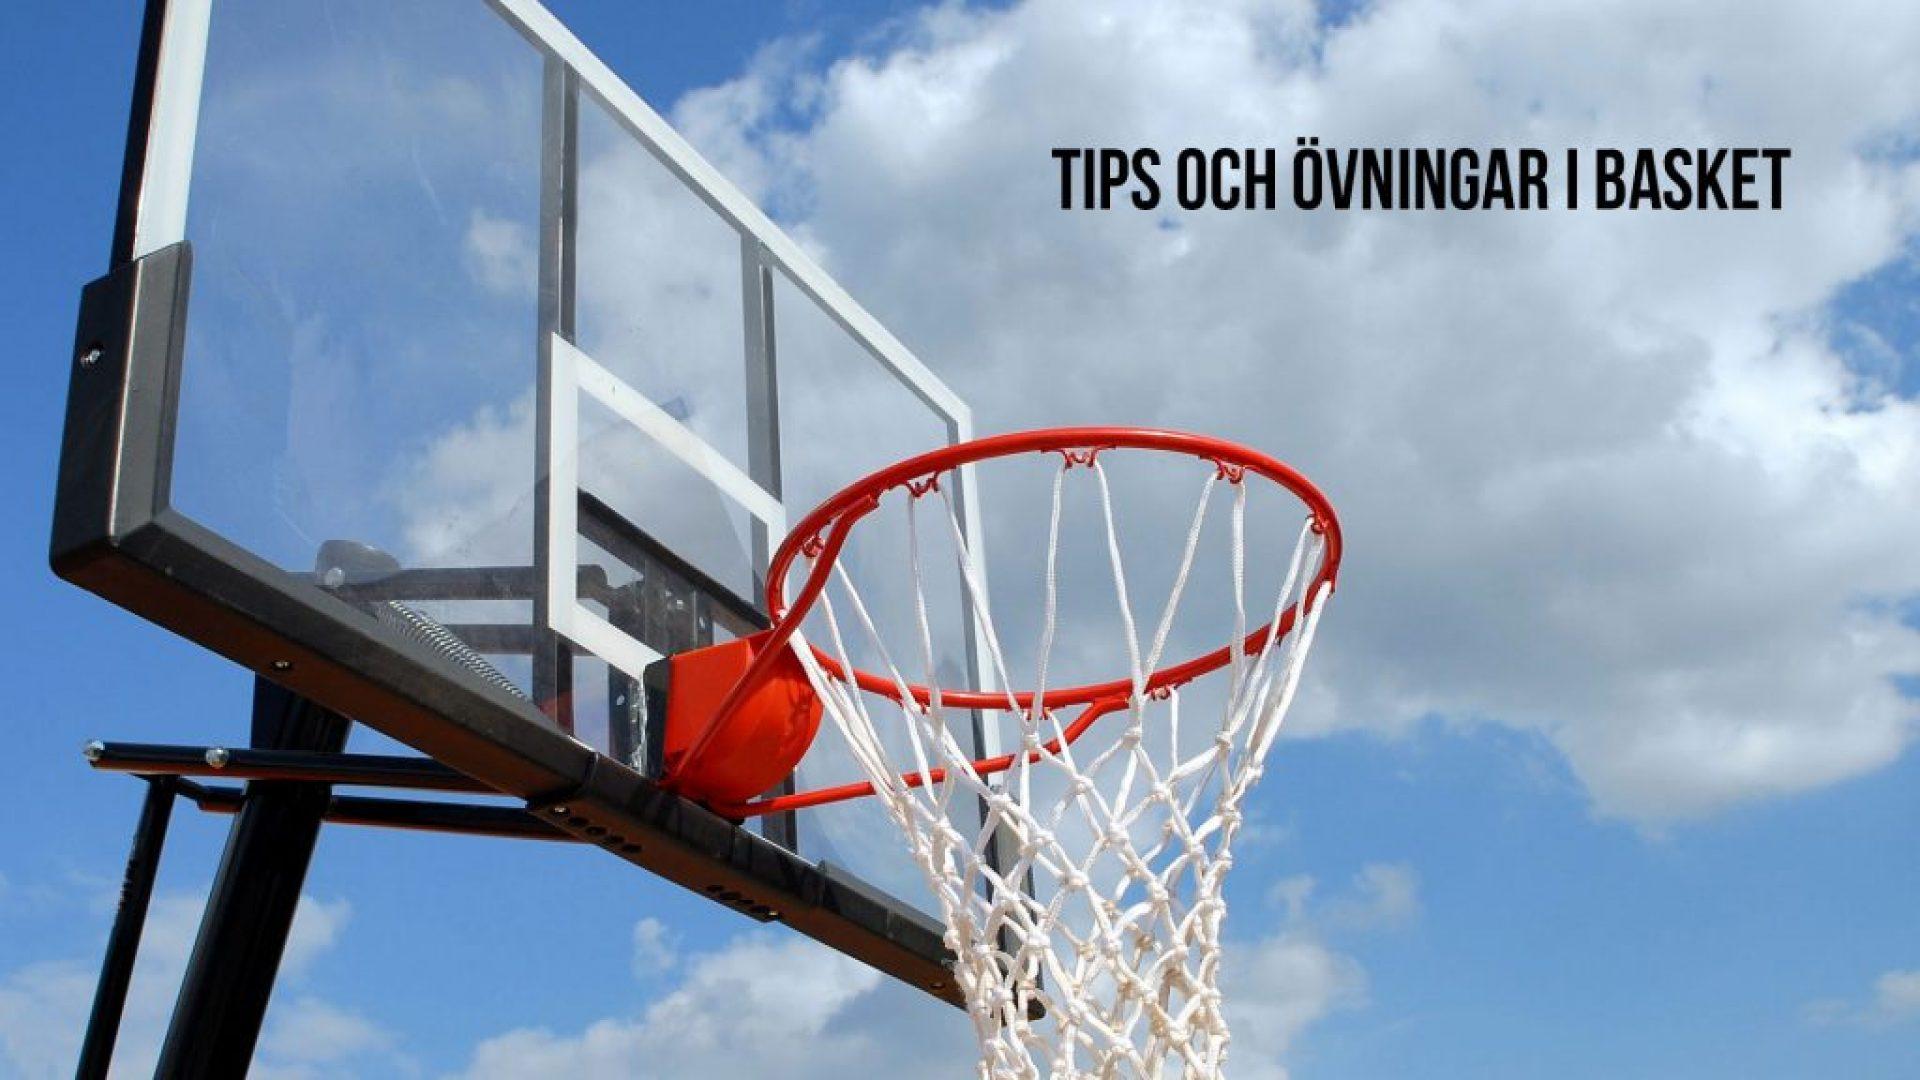 Tips-och-övningar-i-basket